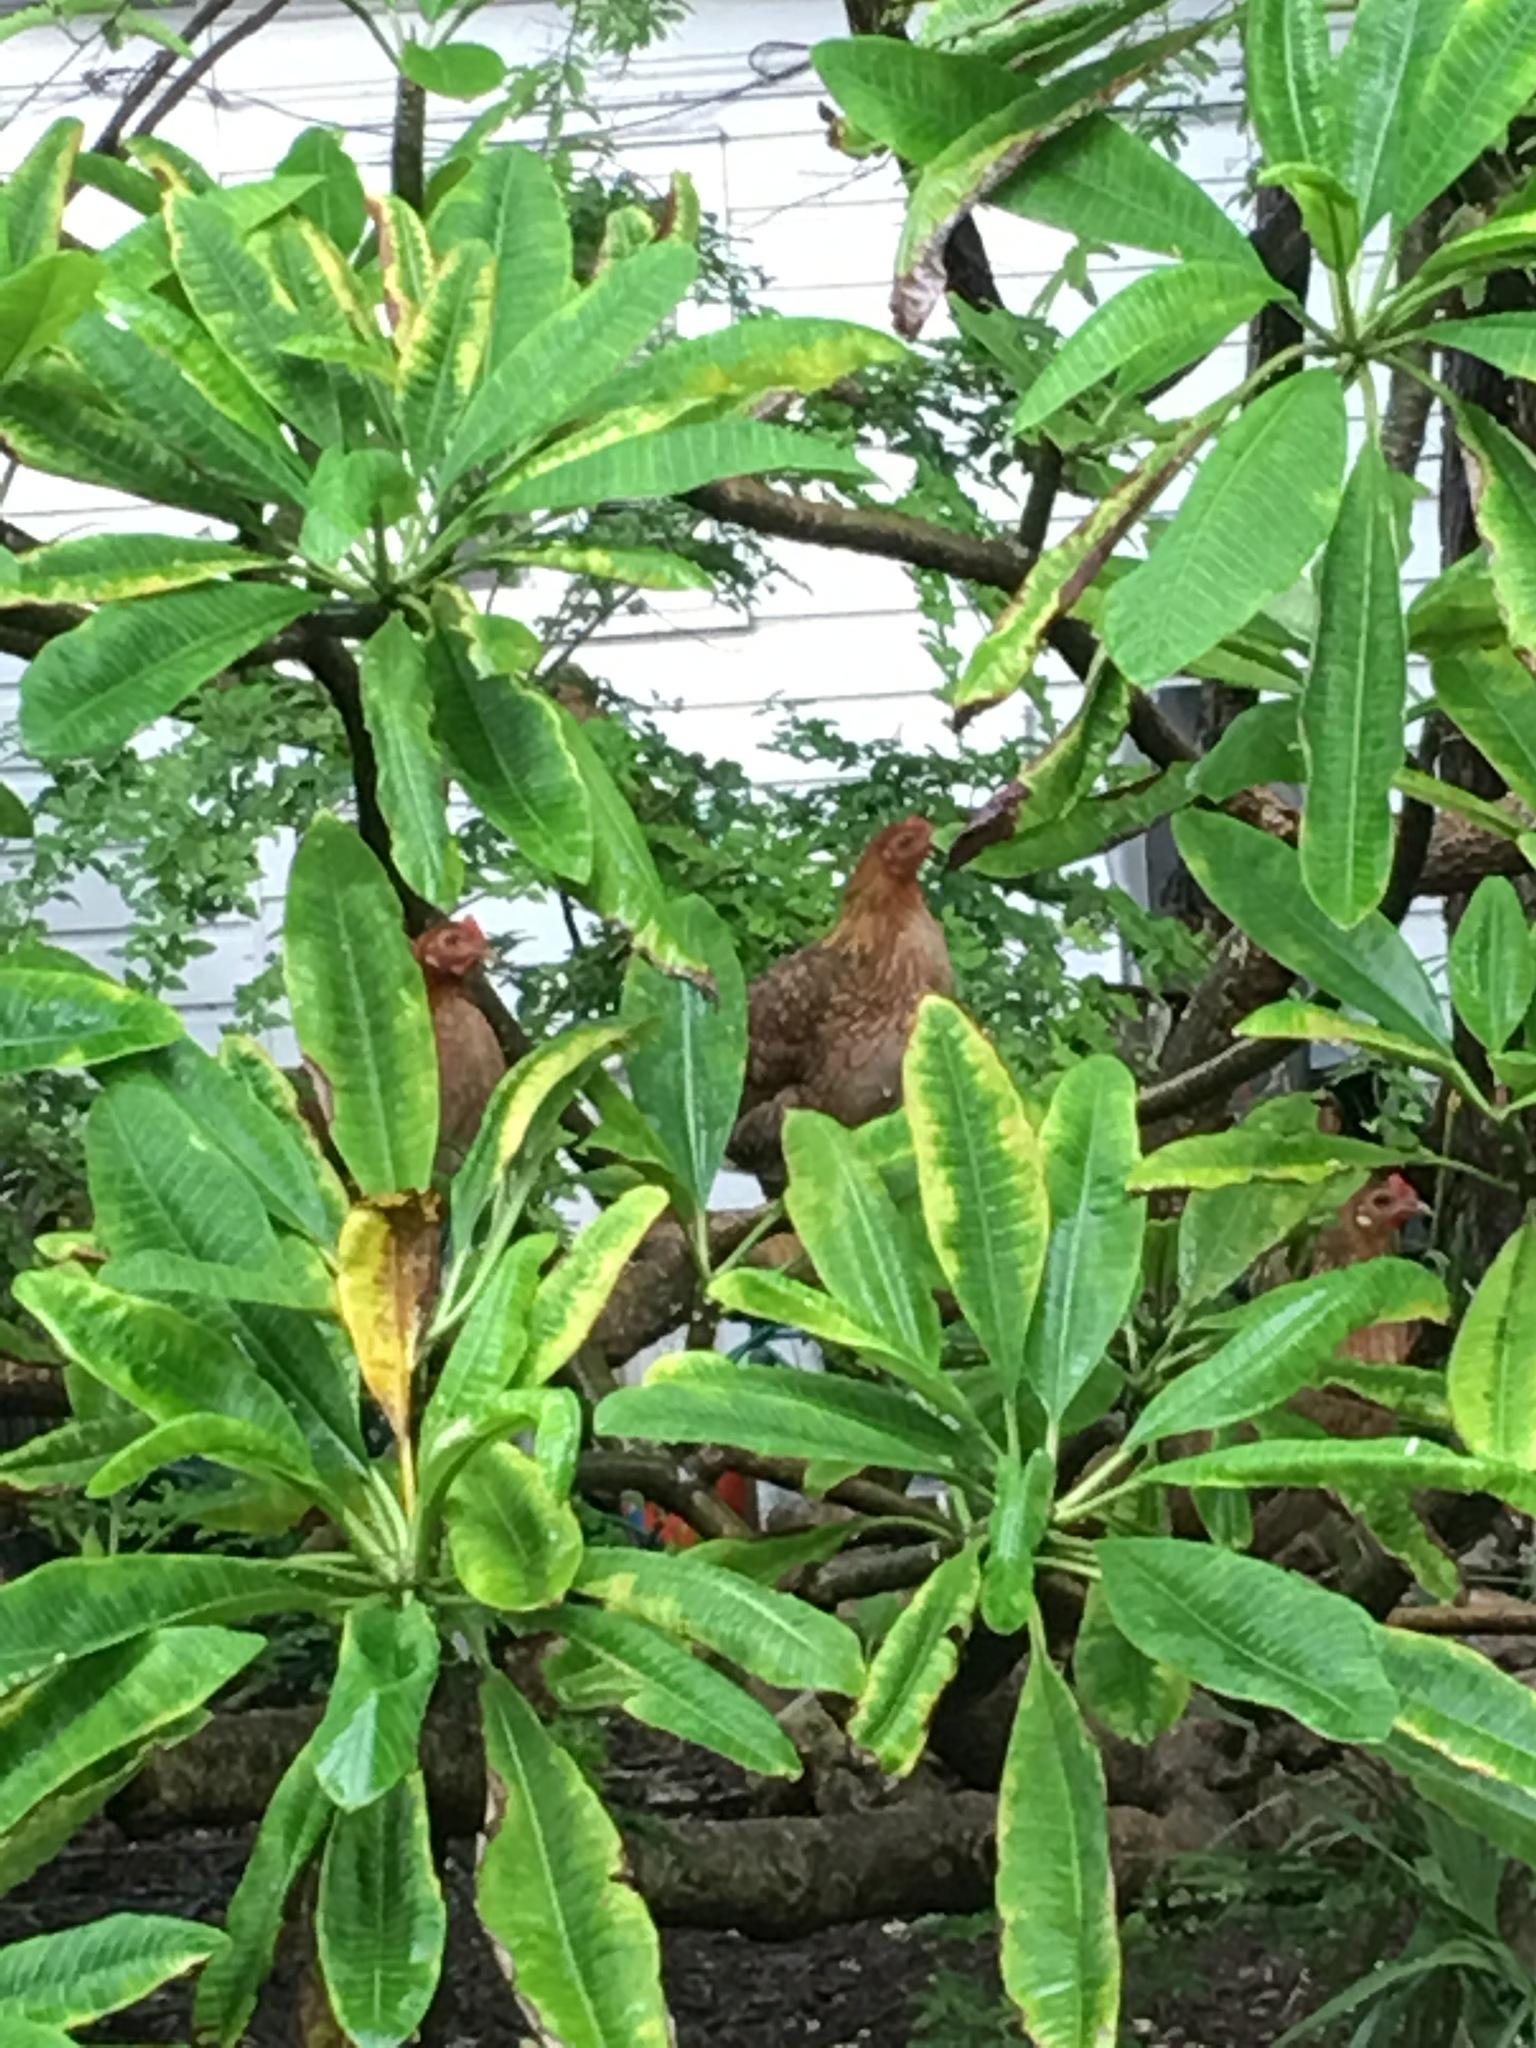 Birds in trees  by pamela.kanarr